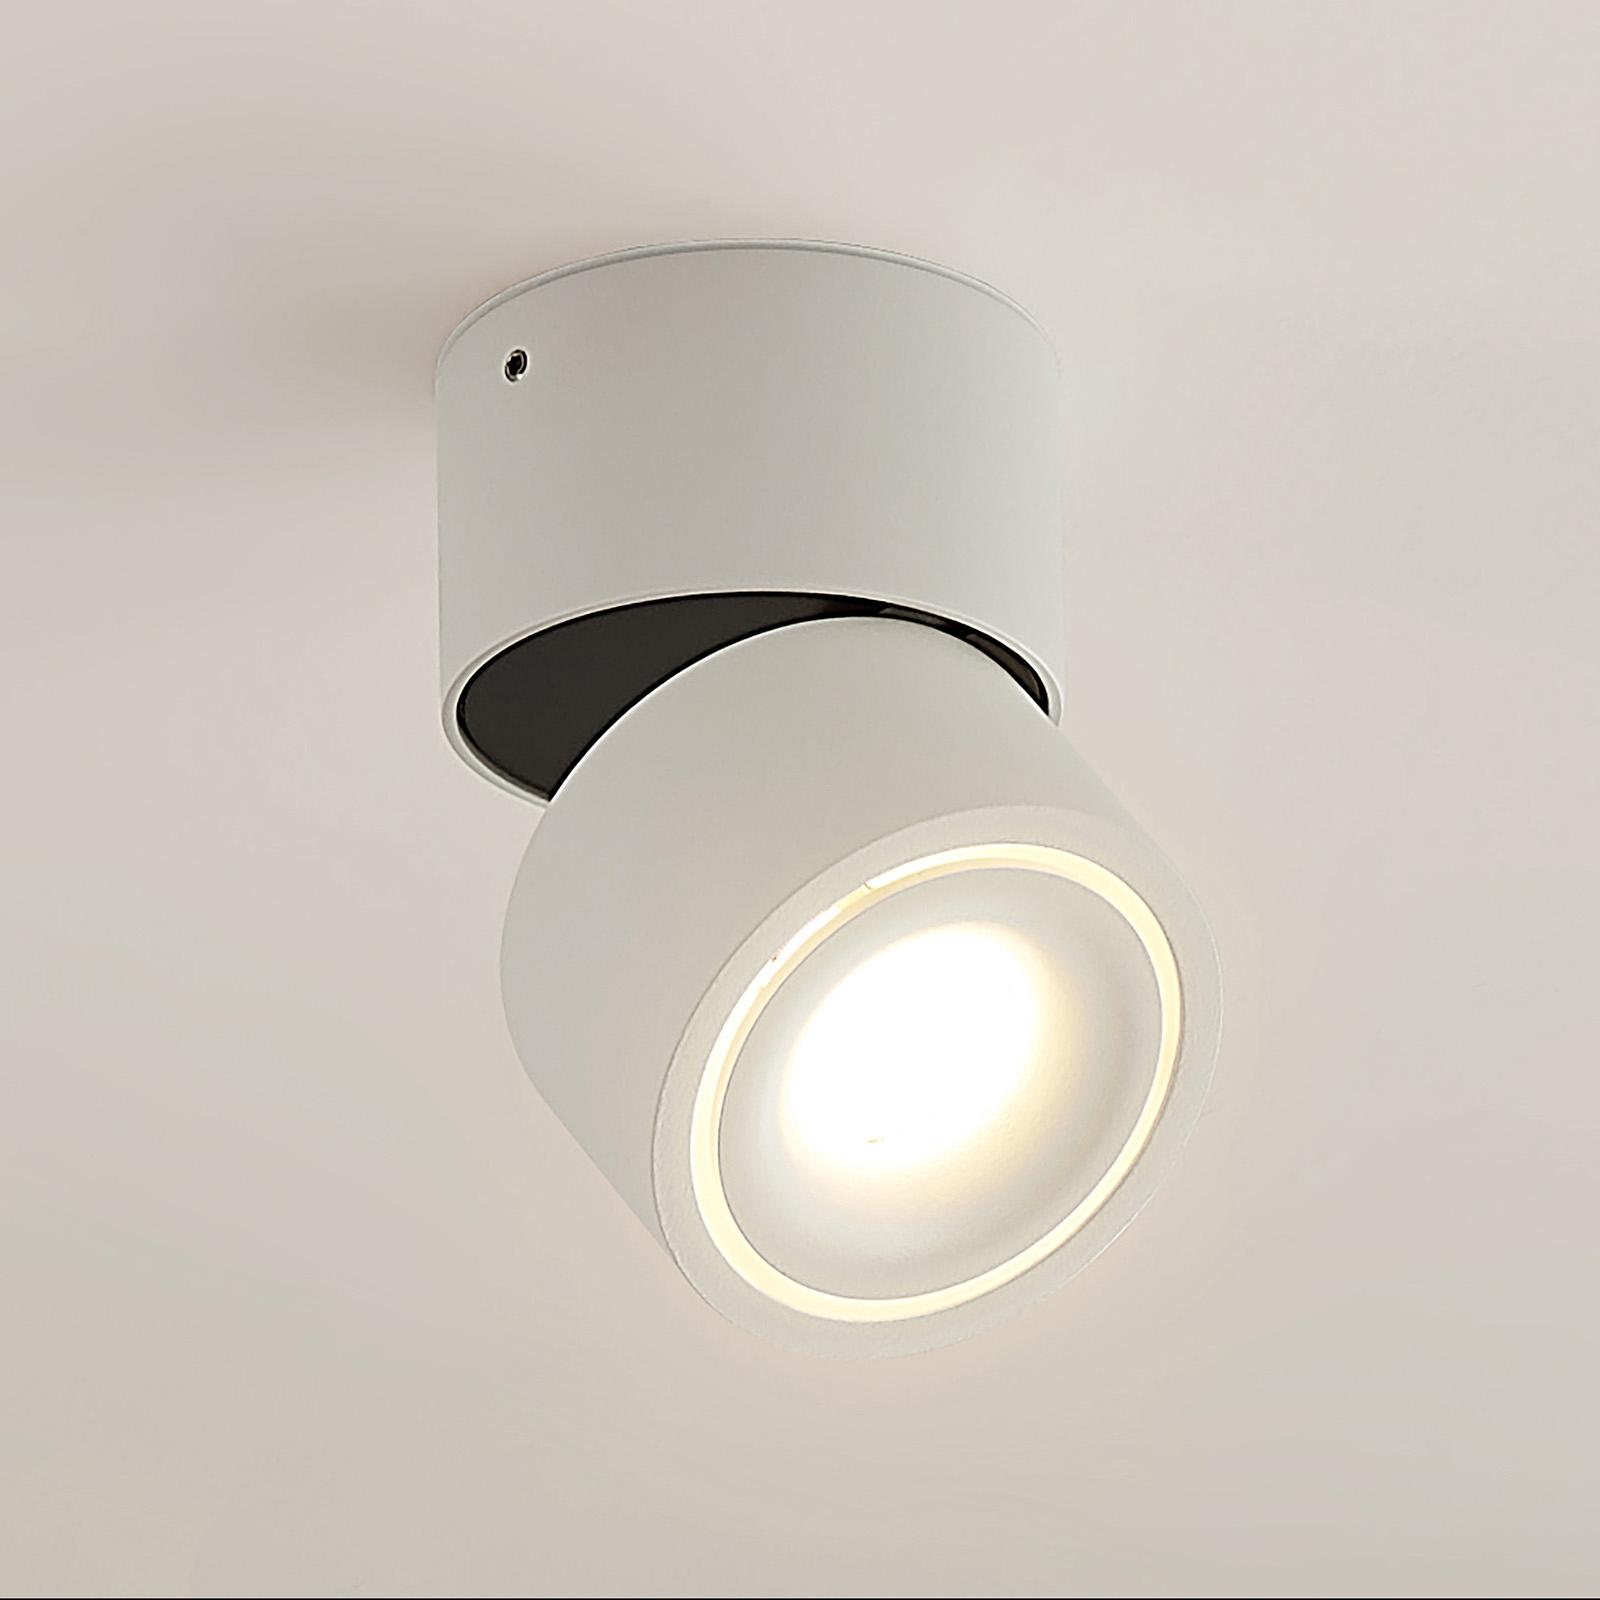 Arcchio Rotari faretto LED 1 luce 6,1W